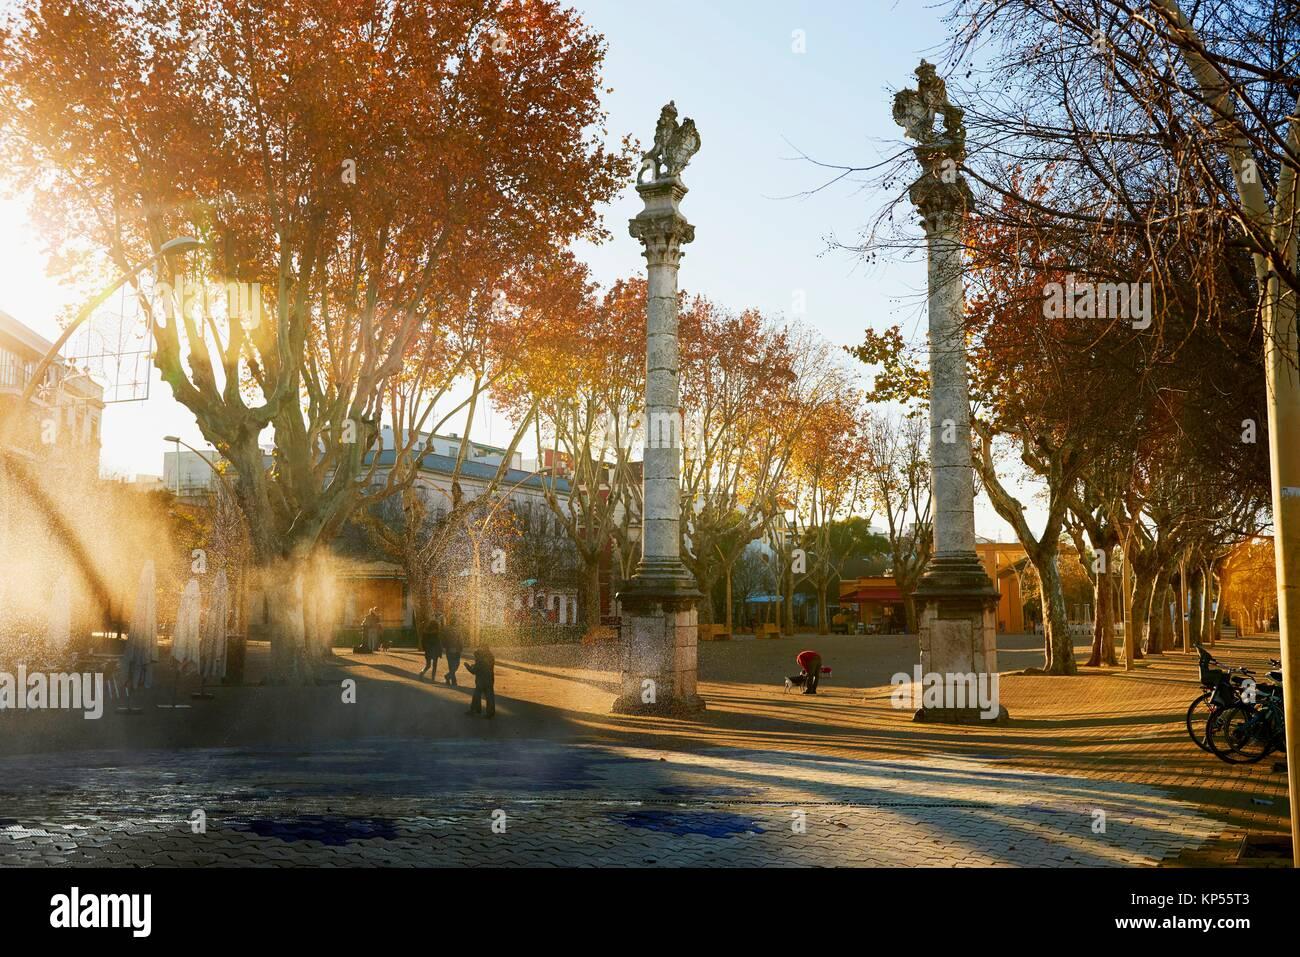 Columns of Hercules, Alameda de Hercules, Seville, Andalusia, Spain, Europe. - Stock Image